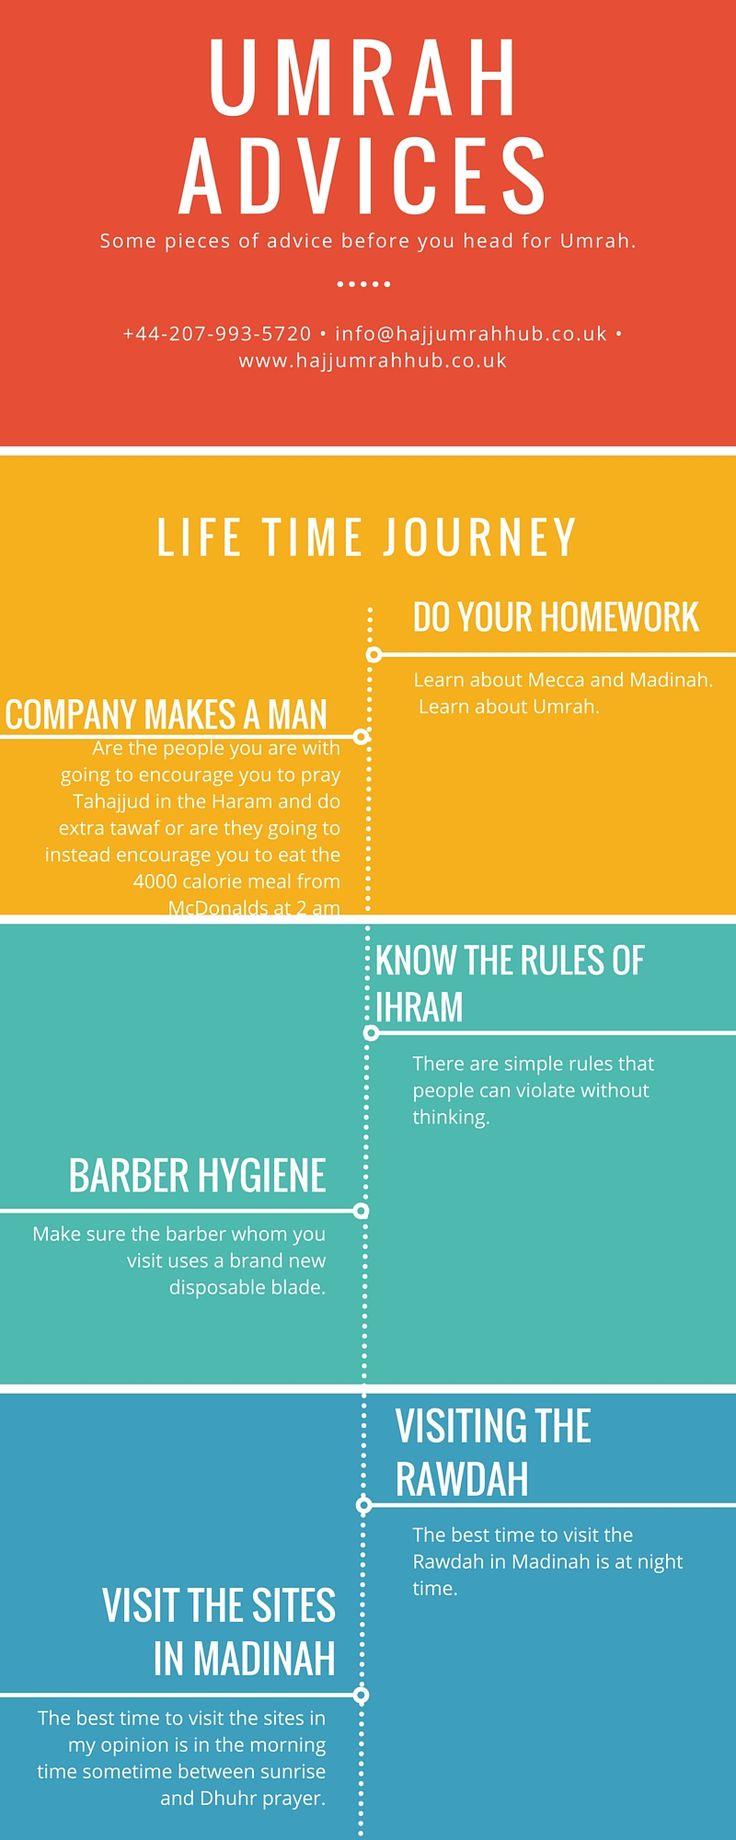 Umrah advice to follow before umrah